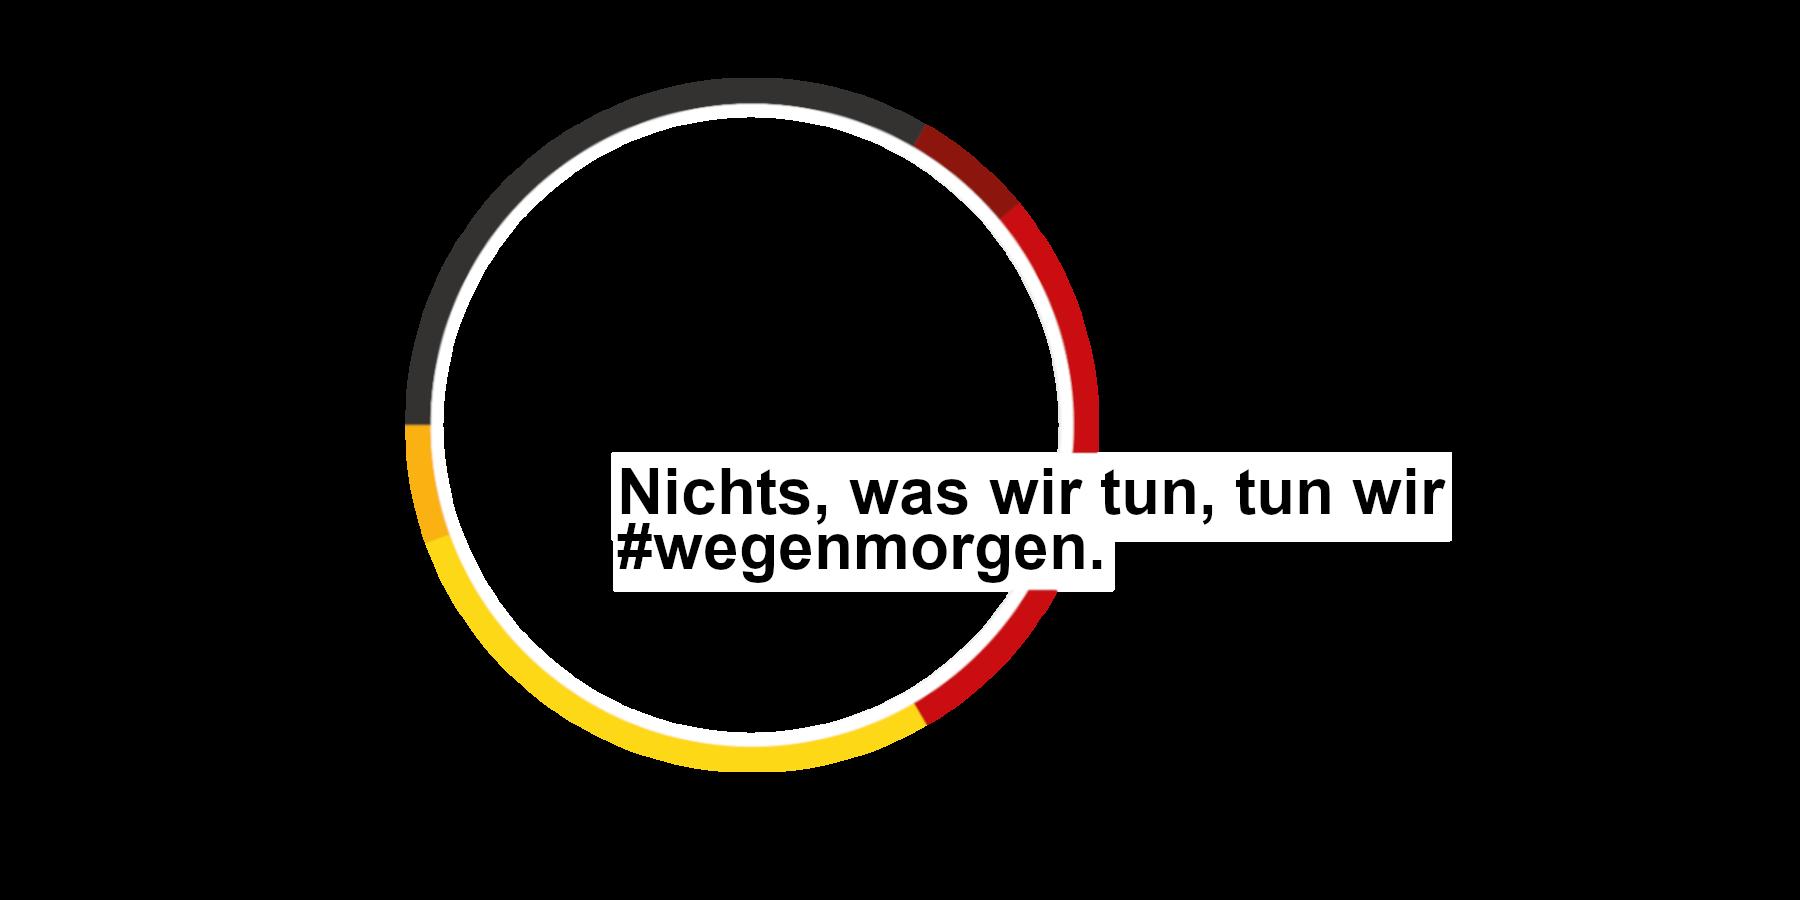 Neue CDU Satire Seite. Armin-Laschet.Org ist Online!